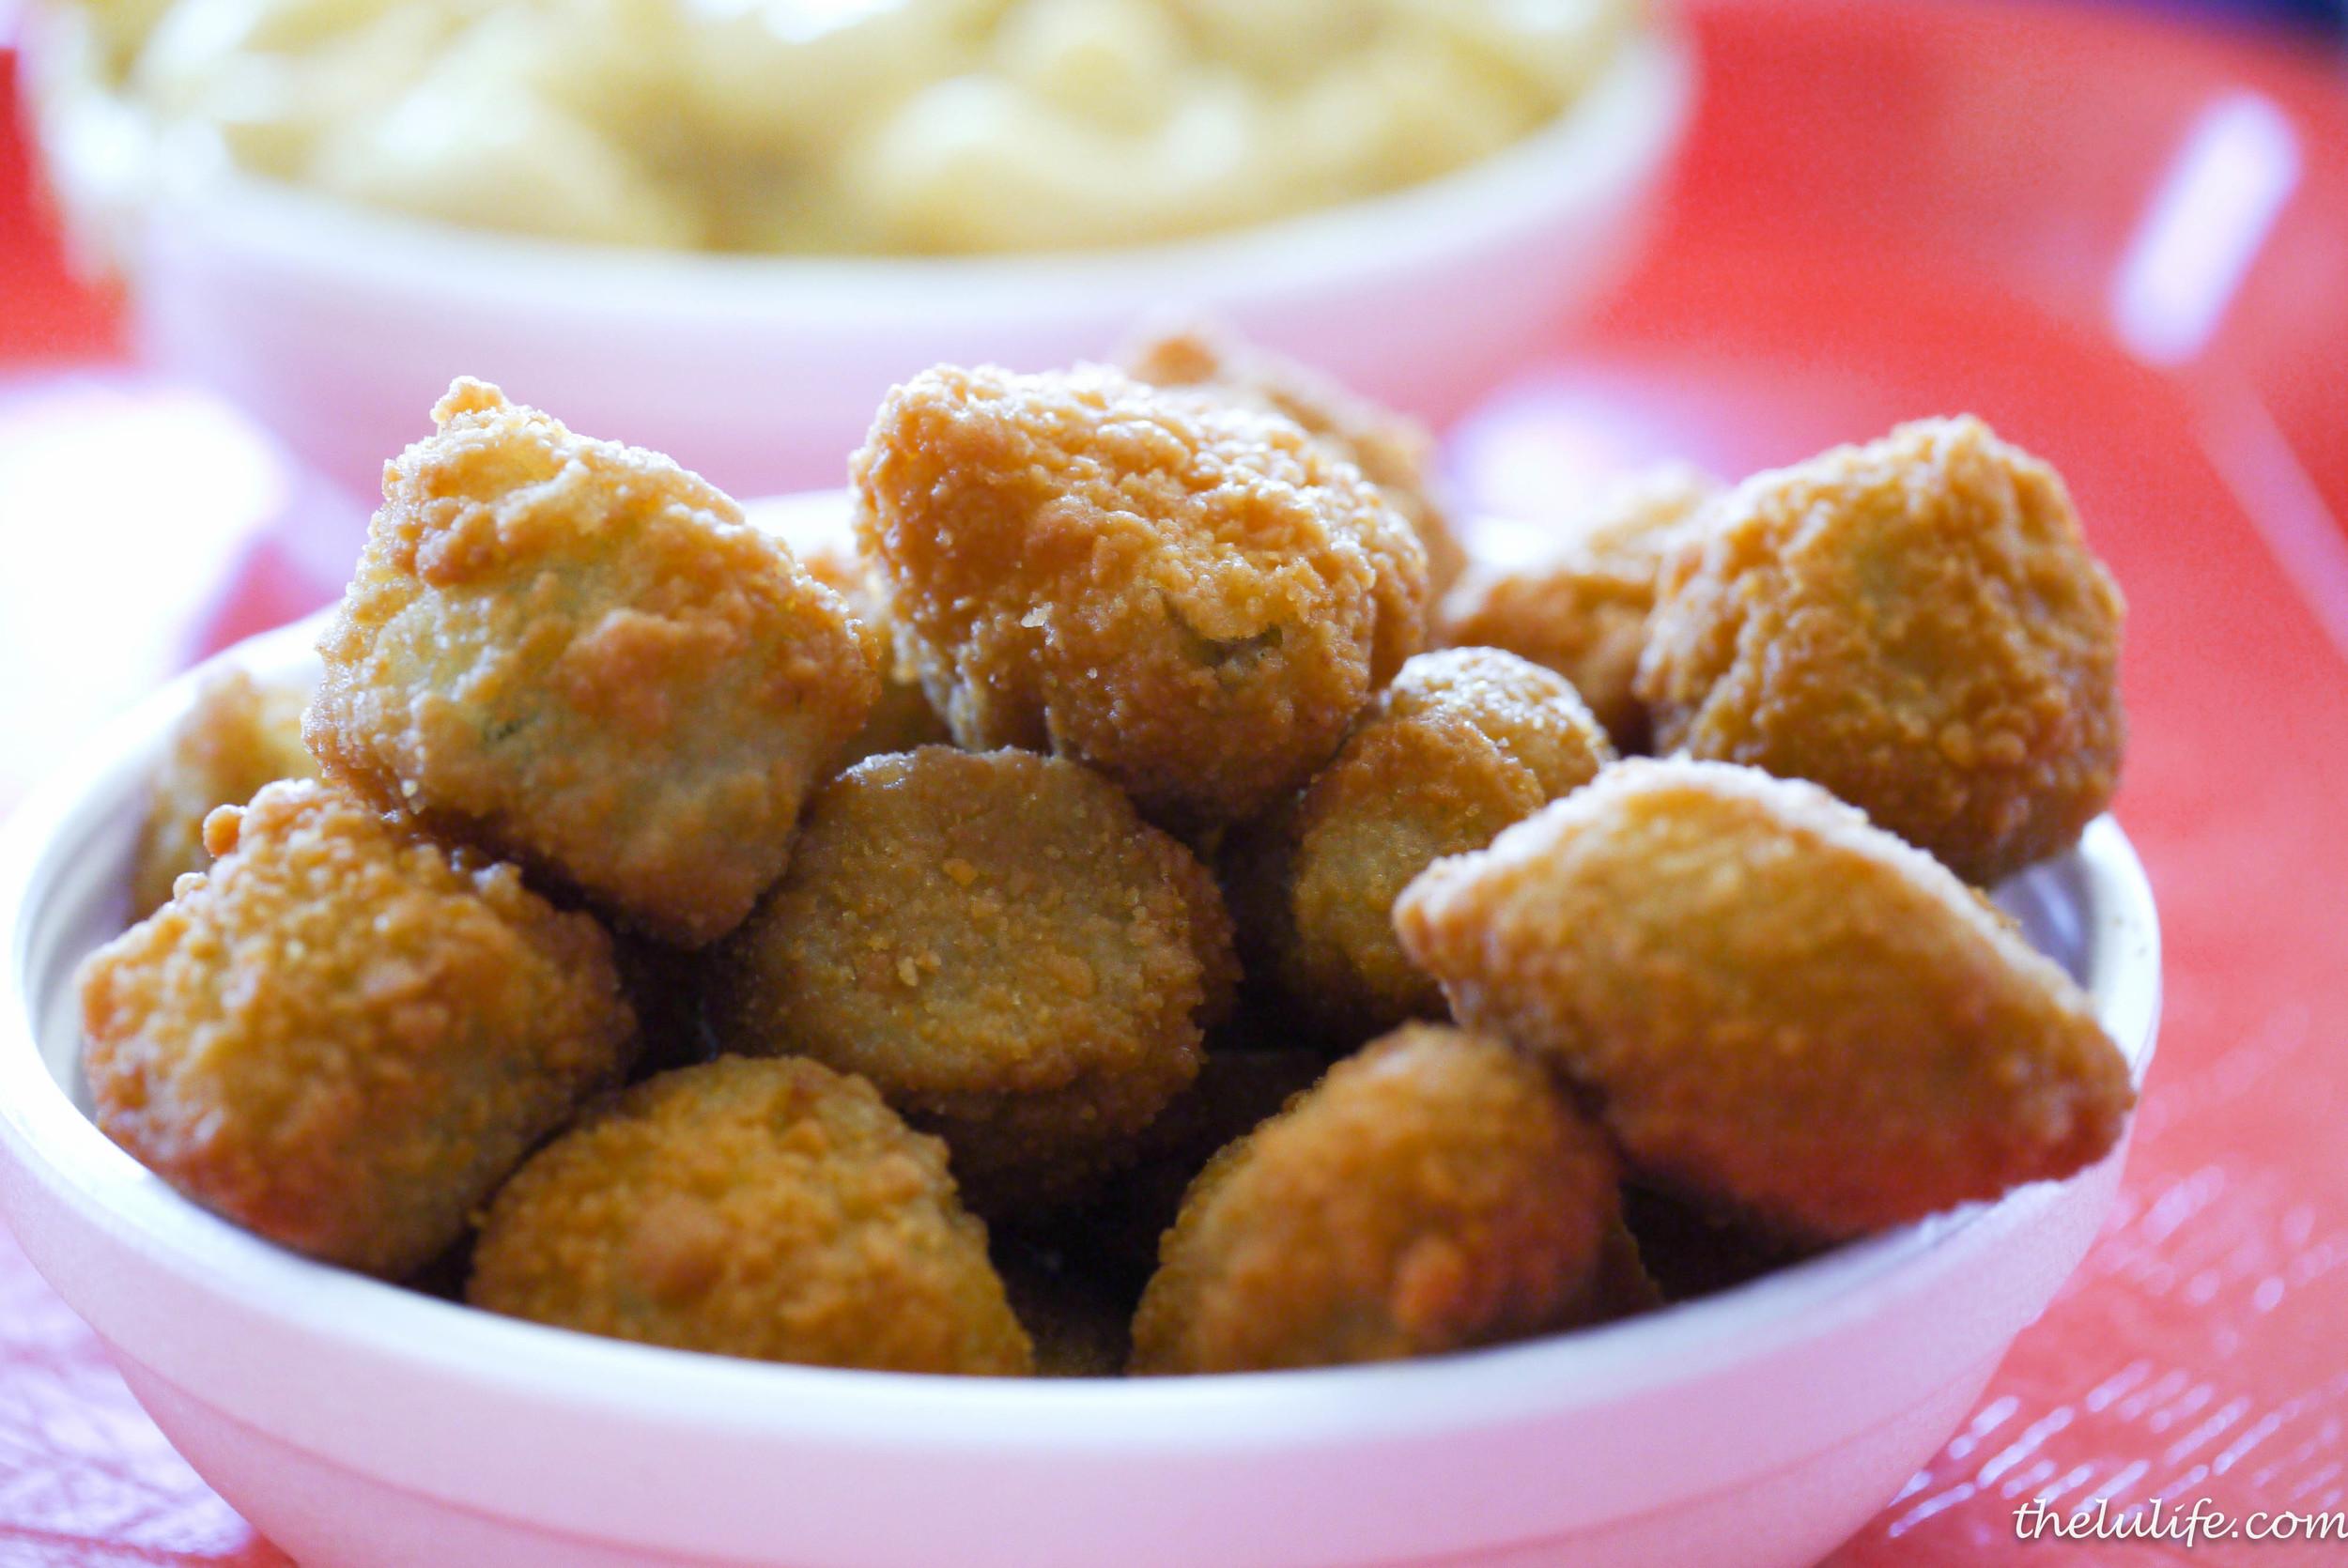 Figure 3. Fried okra